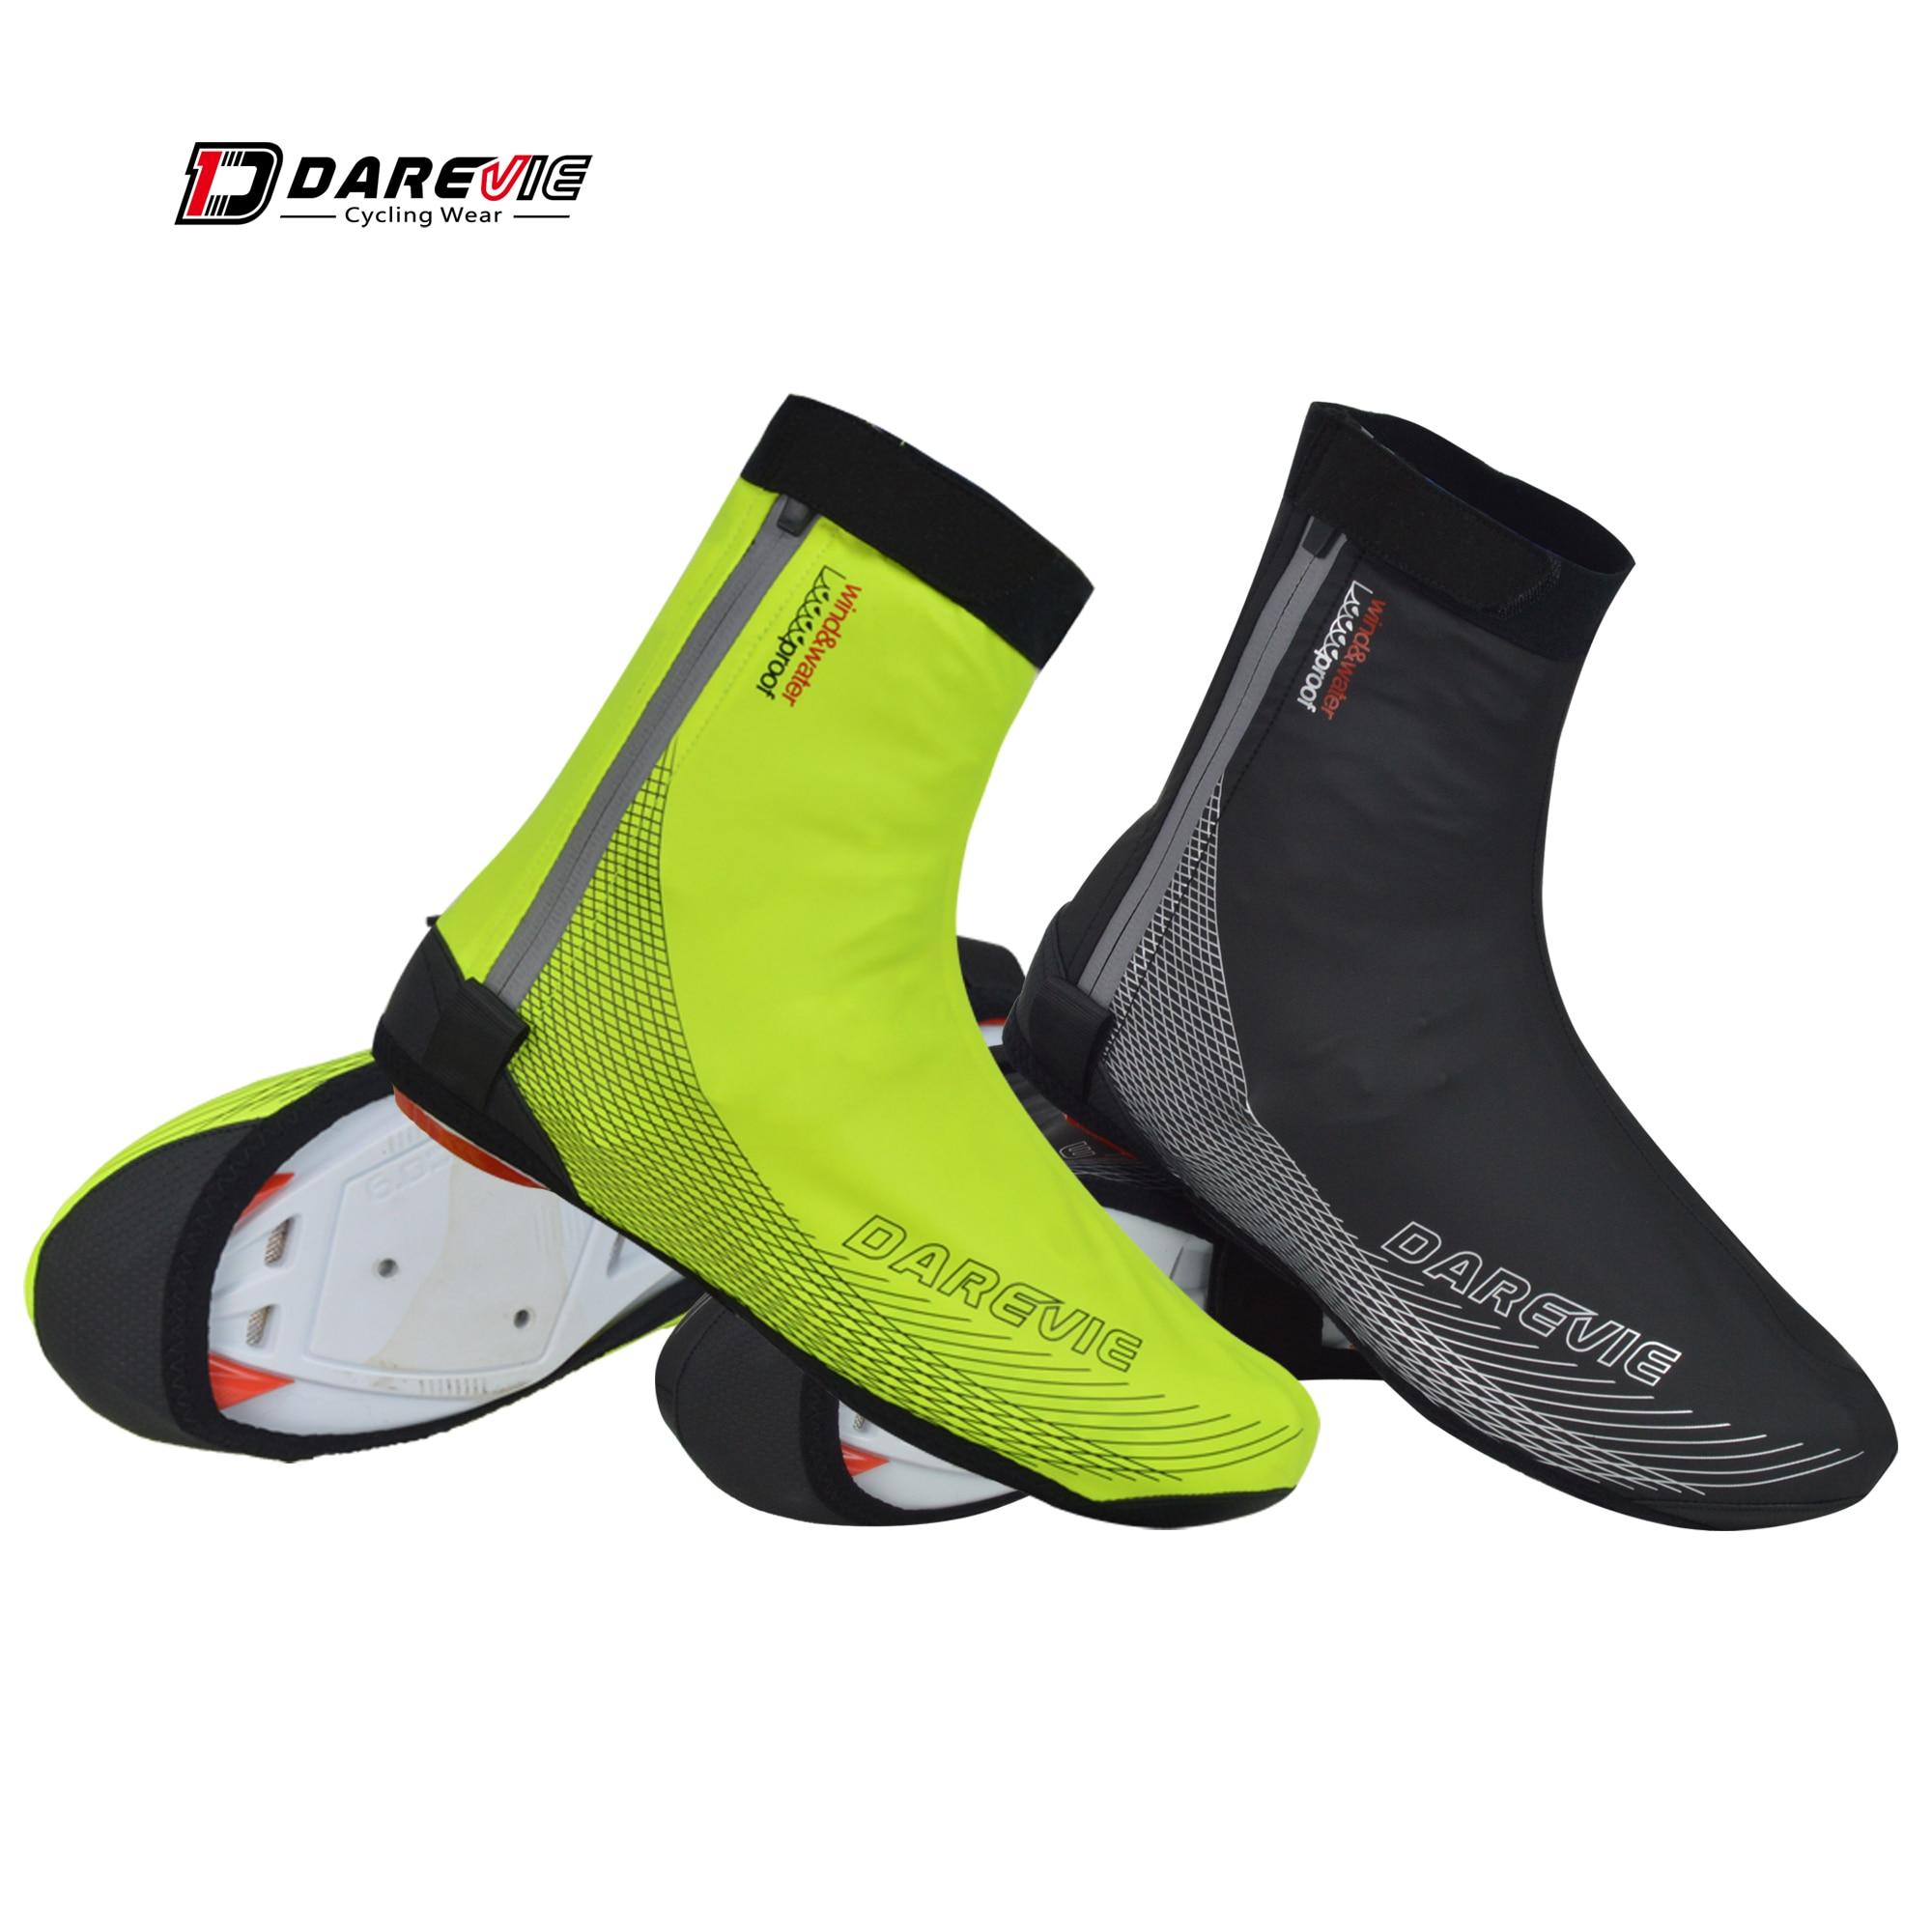 Darevie pokrowiec na buty kolarskie s wodoodporny wiatroszczelny pokrowiec na buty kolarskie zimowe termiczne MTB kolarstwo szosowe buty blokujące pokrywy kapcie